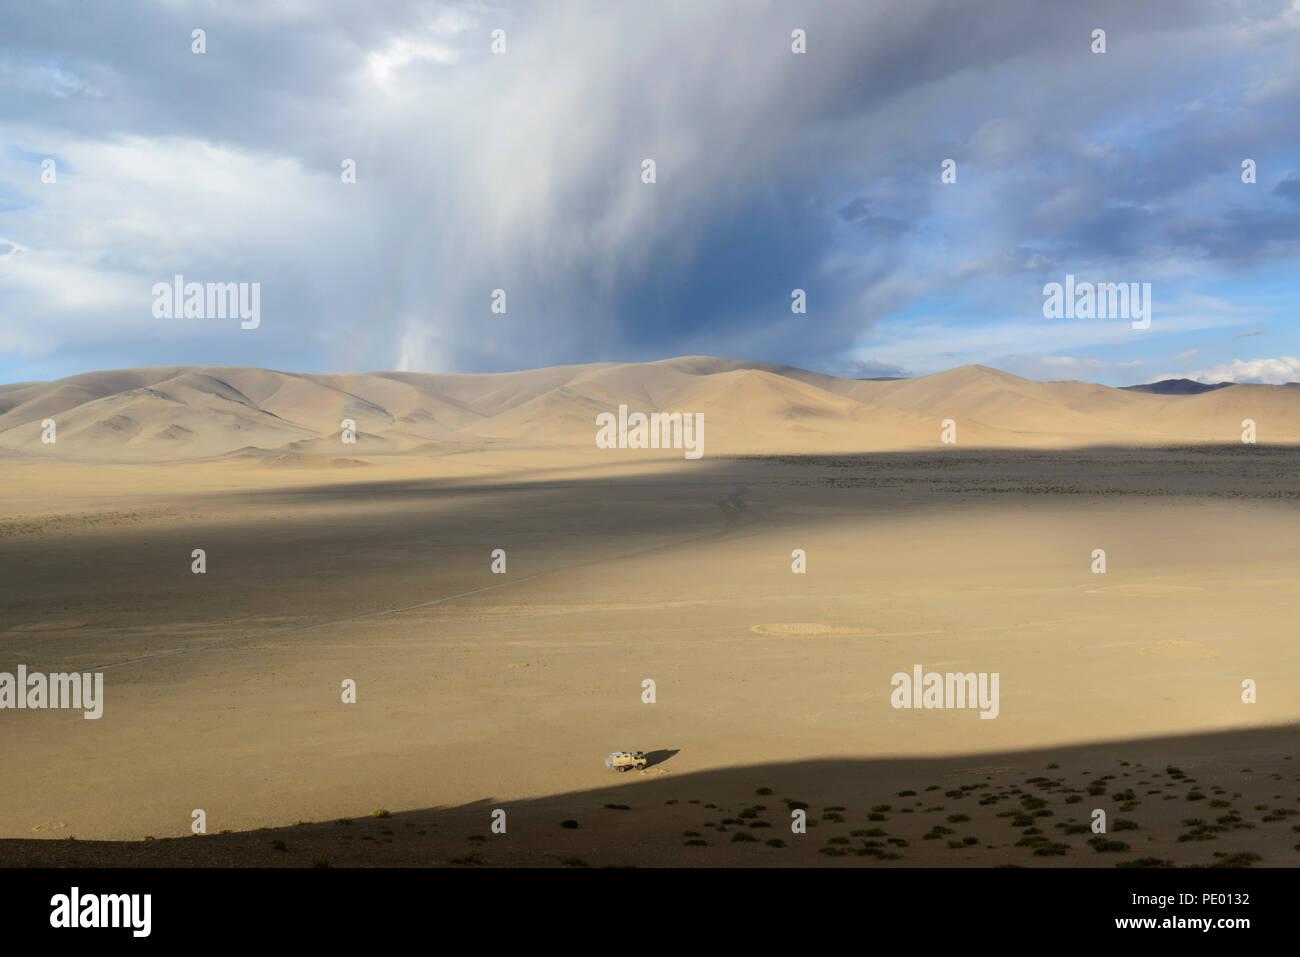 Los nubarrones y comenzar rainbow en una árida llanura de la provincia Bayan-Ólgii en Mongolia. Overlander carretilla en primer plano Imagen De Stock